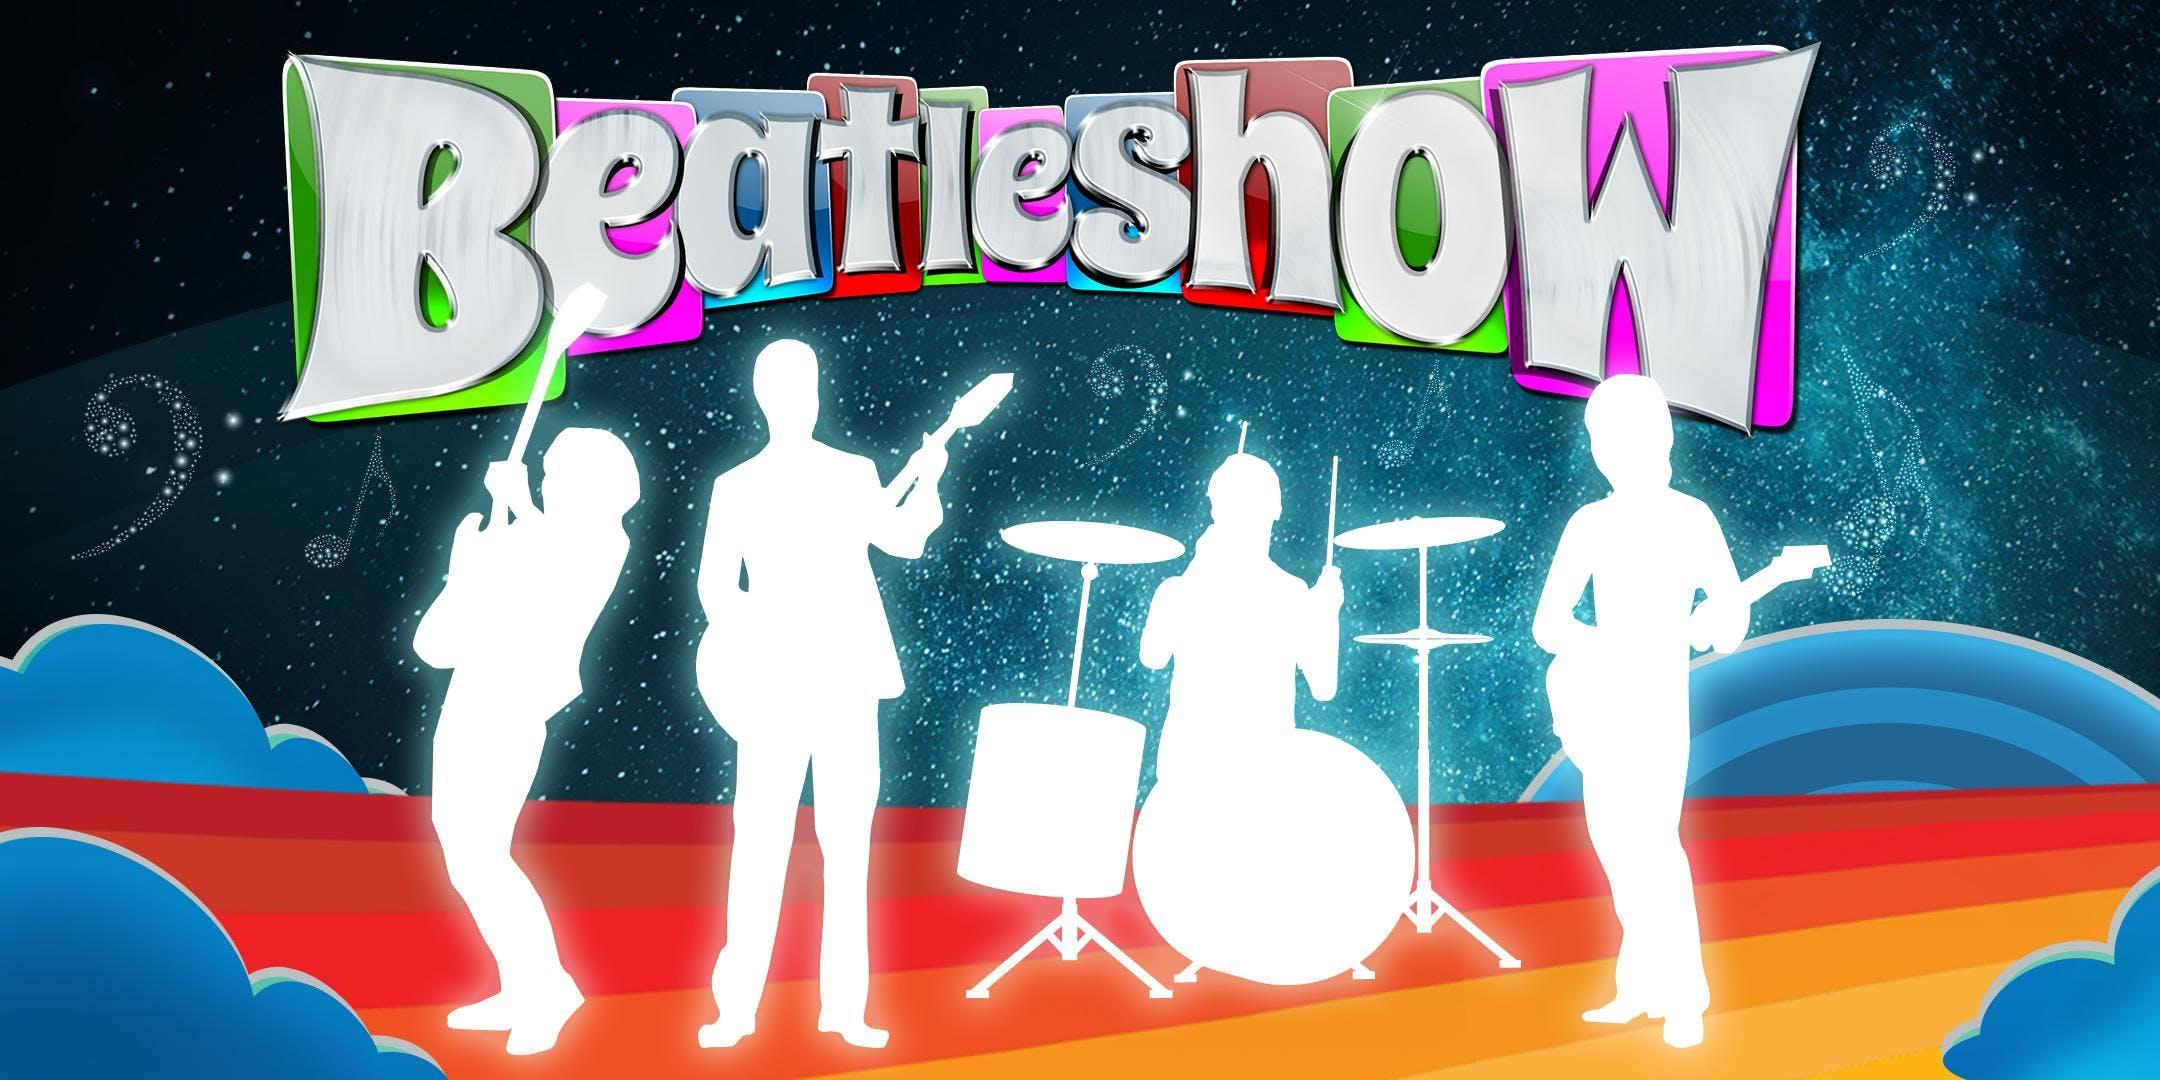 Beatleshow GA